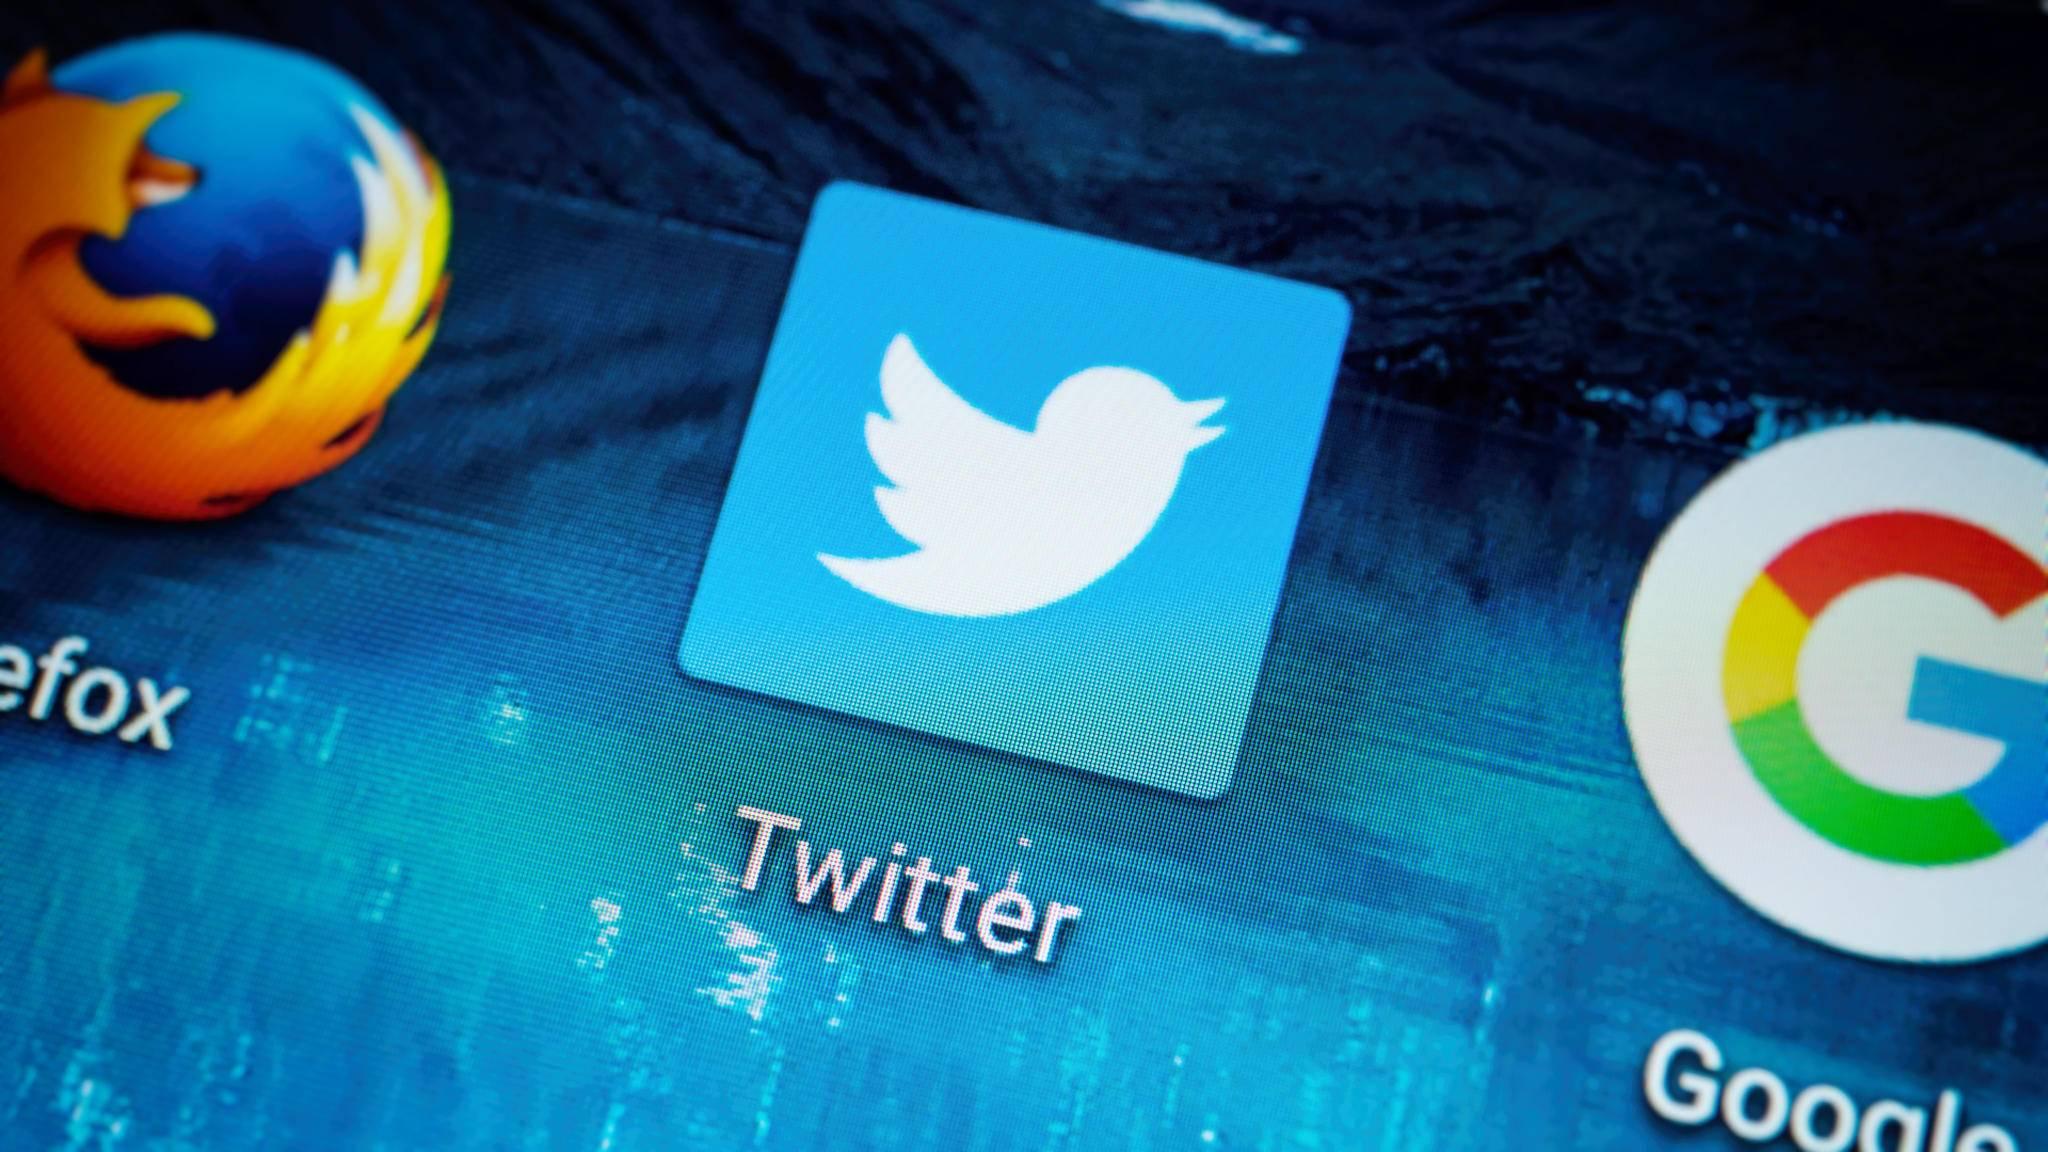 Wer bei Twitter aktiv ist, sollte schleunigst sein Passwort ändern.